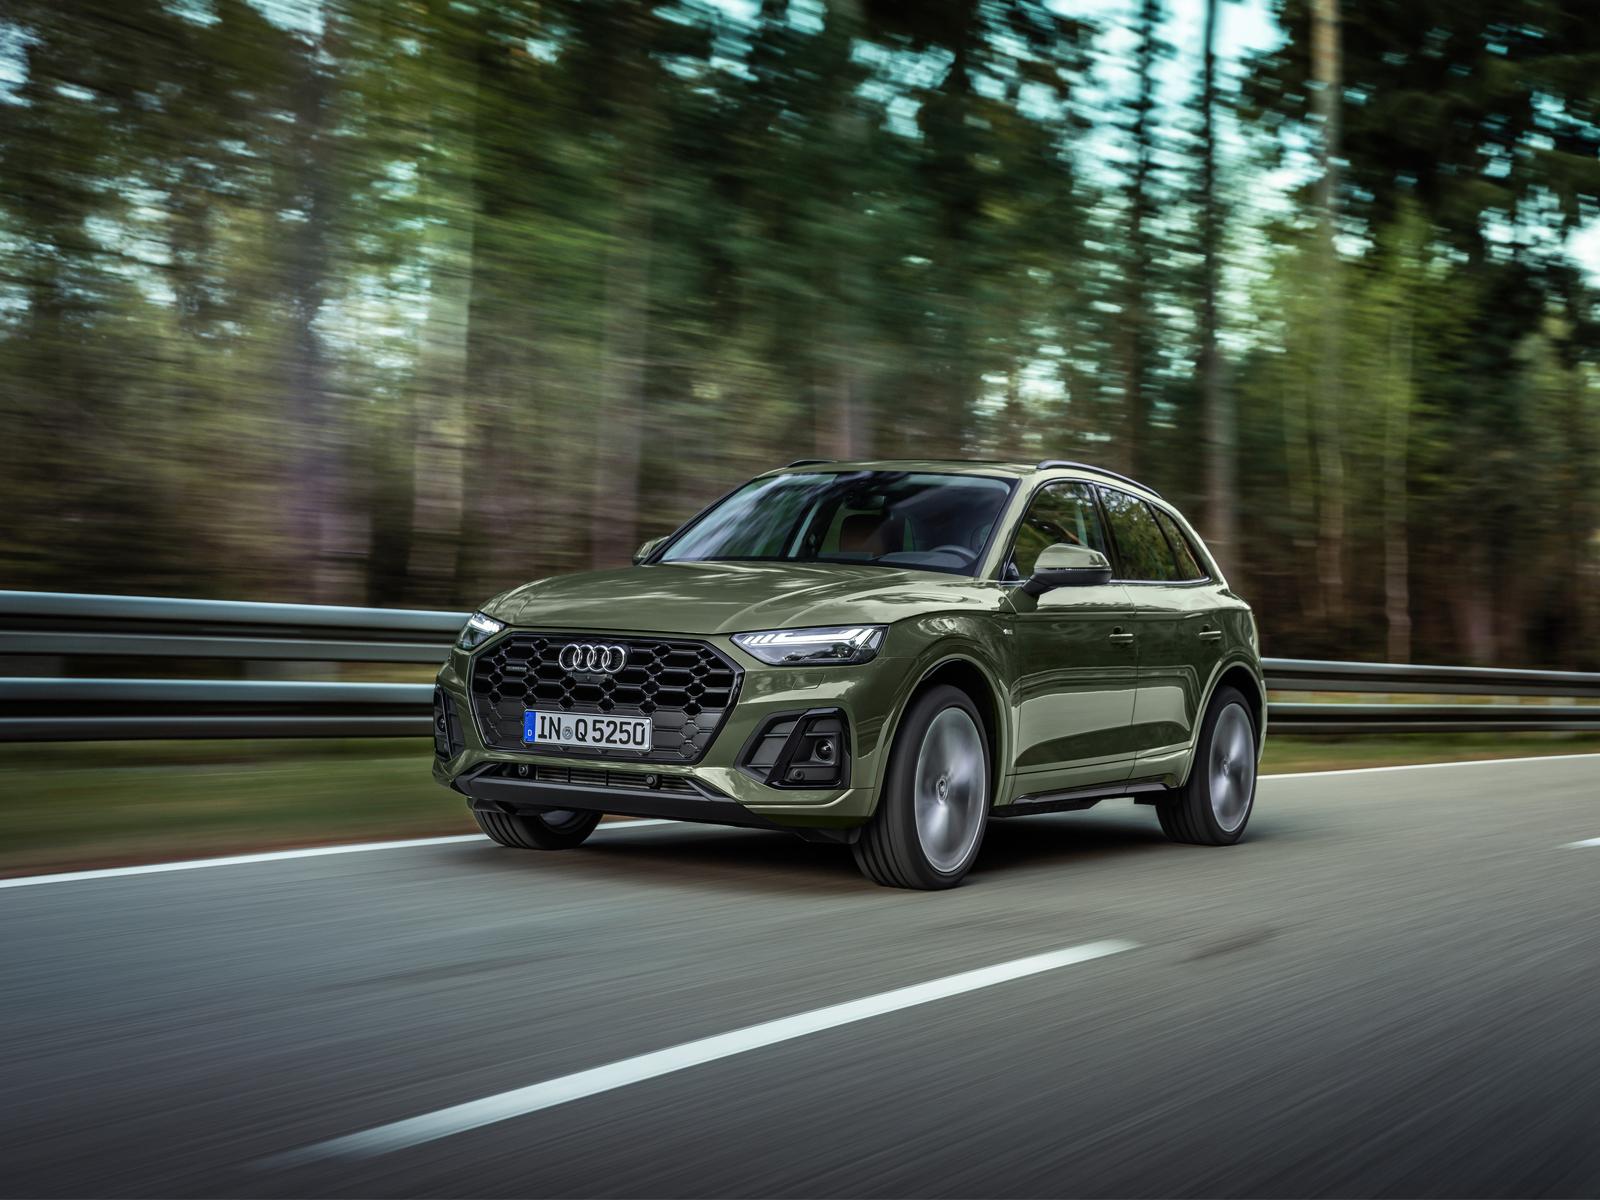 Audi Q5 Genuine Editon 40TDI quattro S tronic